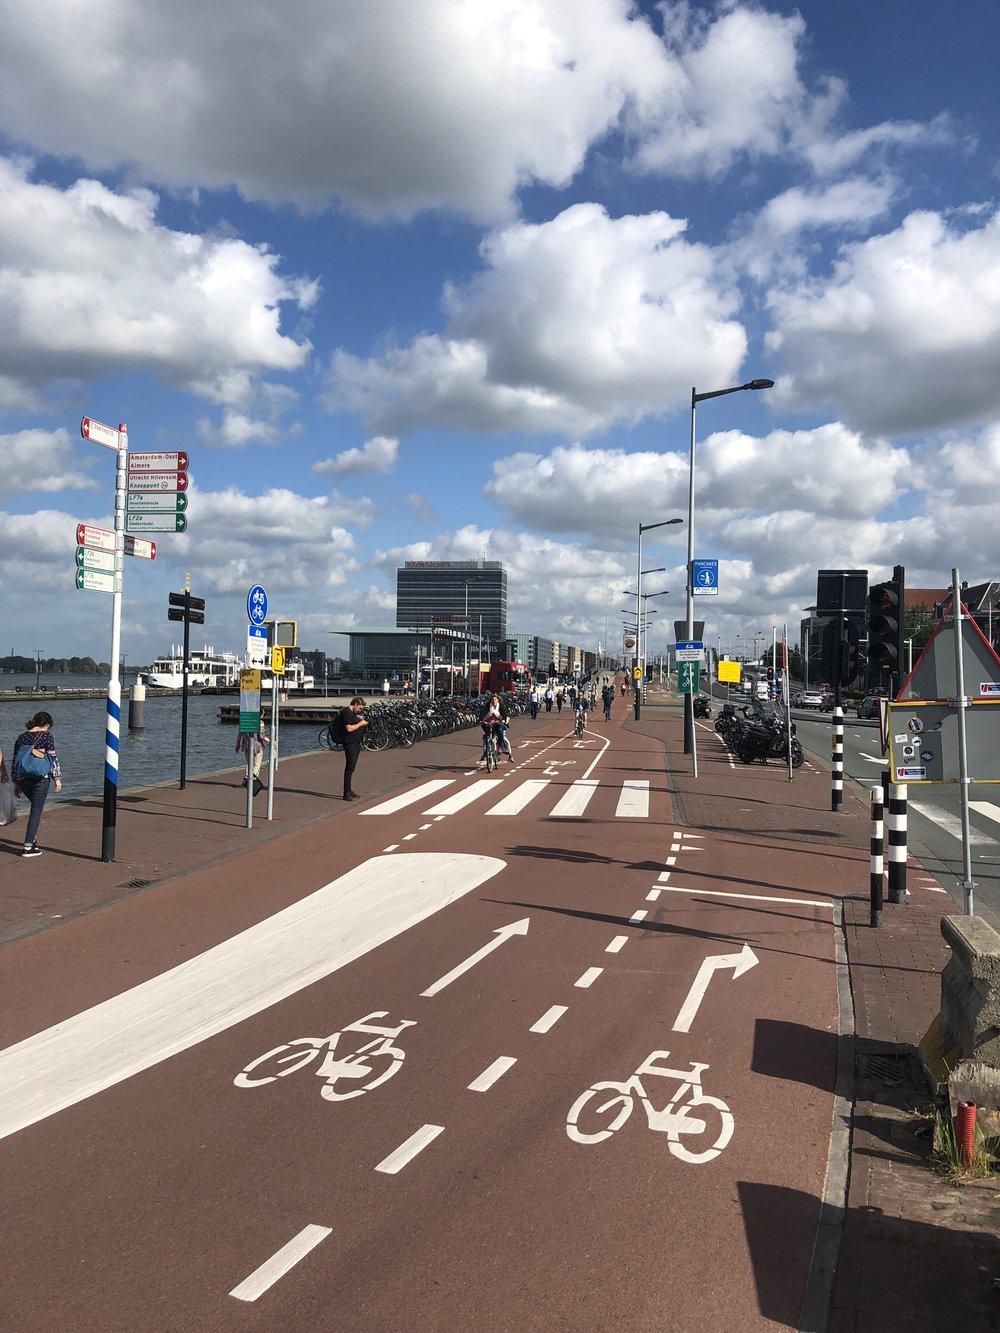 Amsterdam : si on conçoit le réseau cyclable comme le réseau routier pour les voitures, il devient automatiquement un réseau efficace et attractif pour tous.